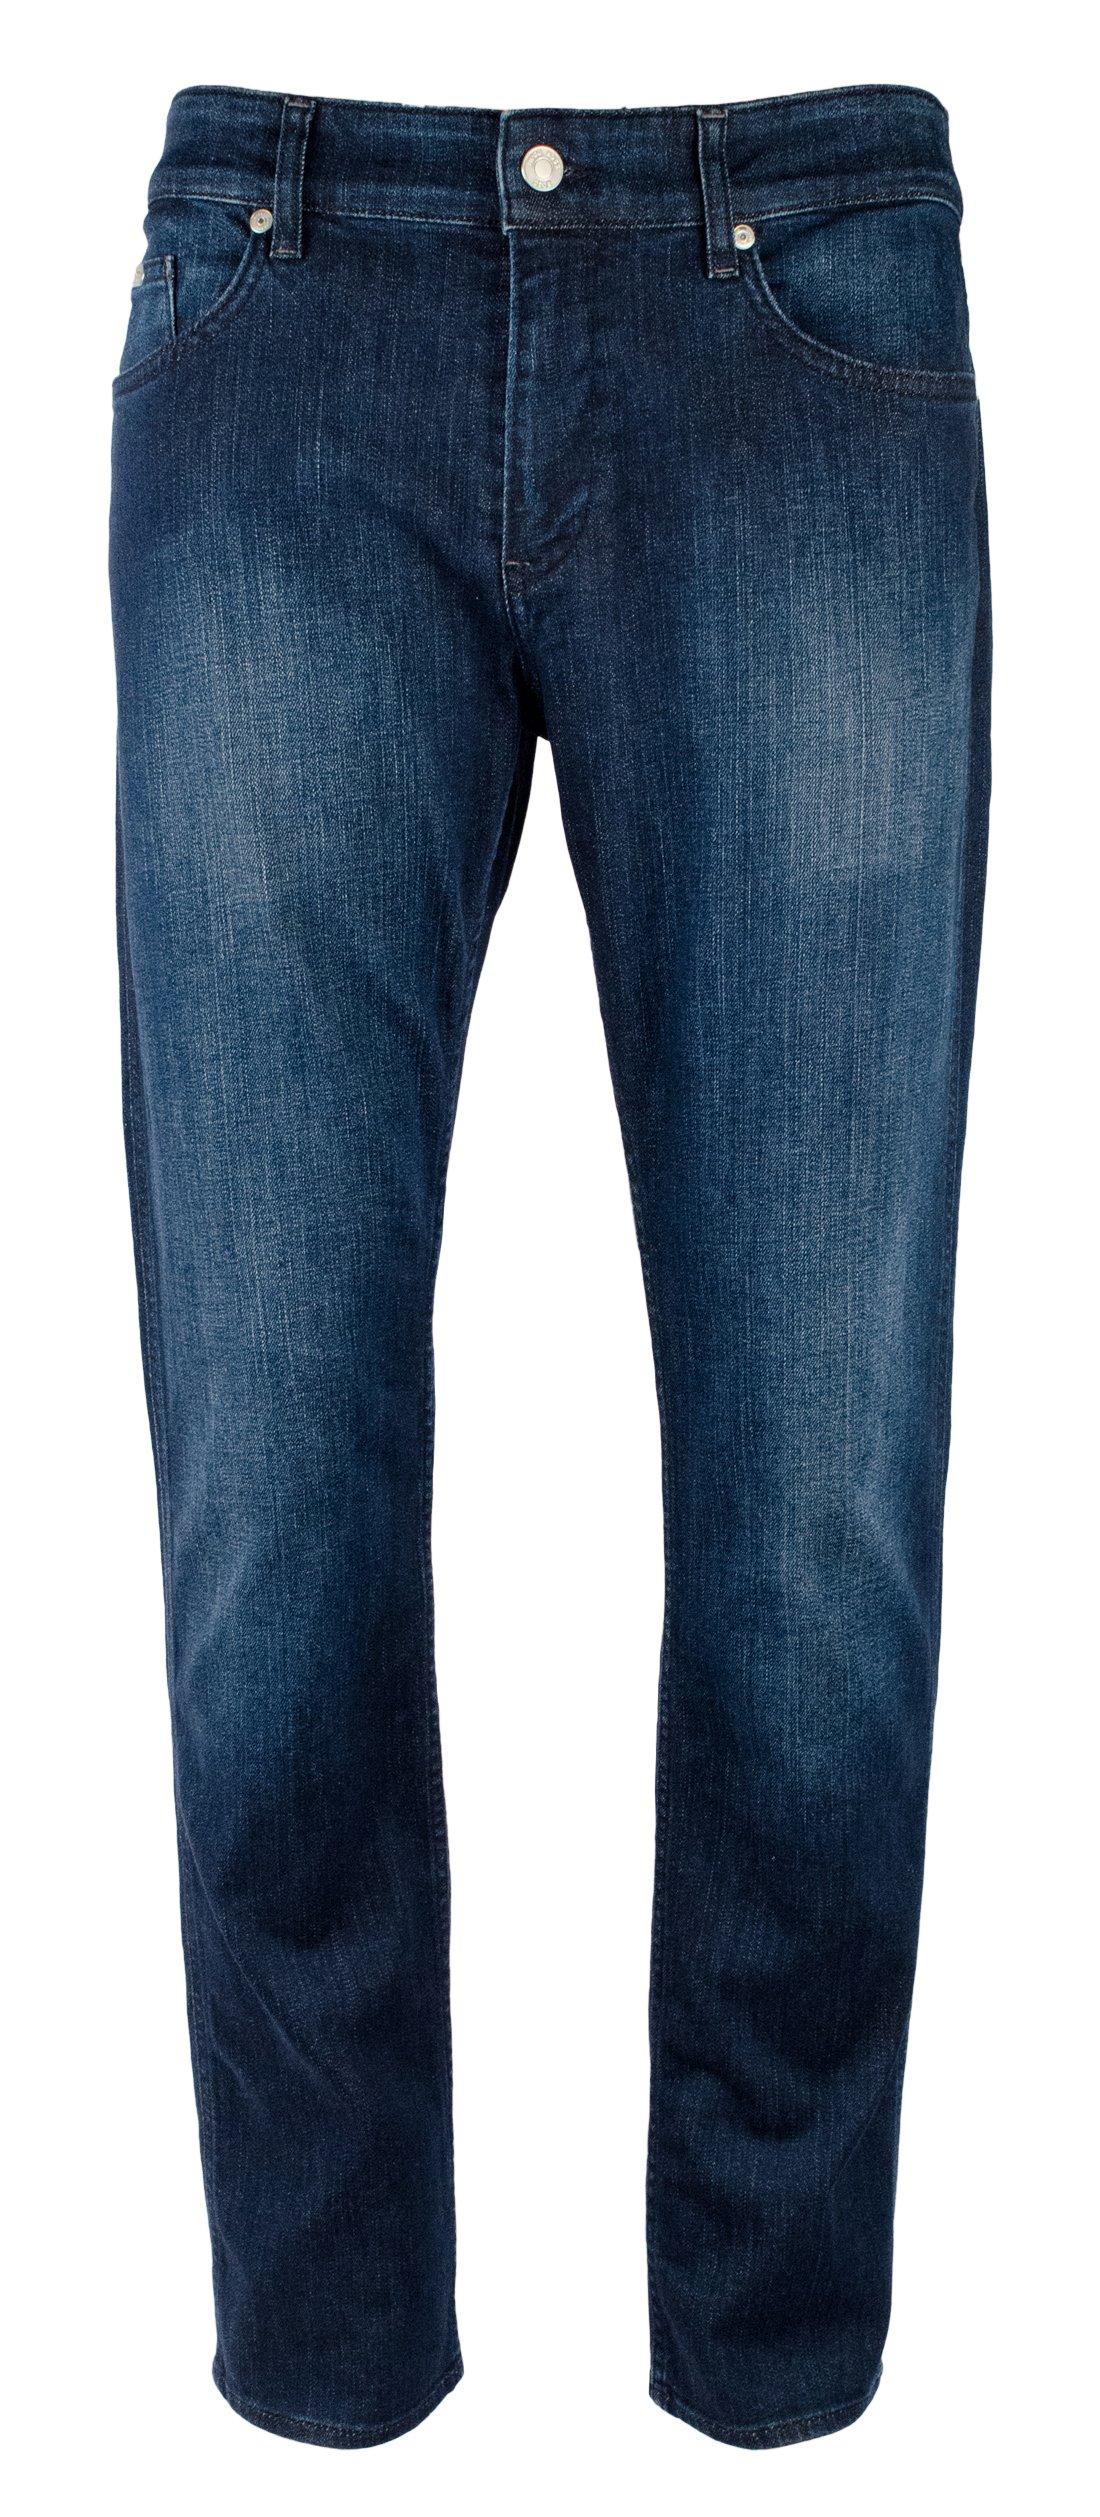 Hugo Boss Men's C-Delaware Slim Fit Jeans (Denim, 34 x 32) by HUGO BOSS